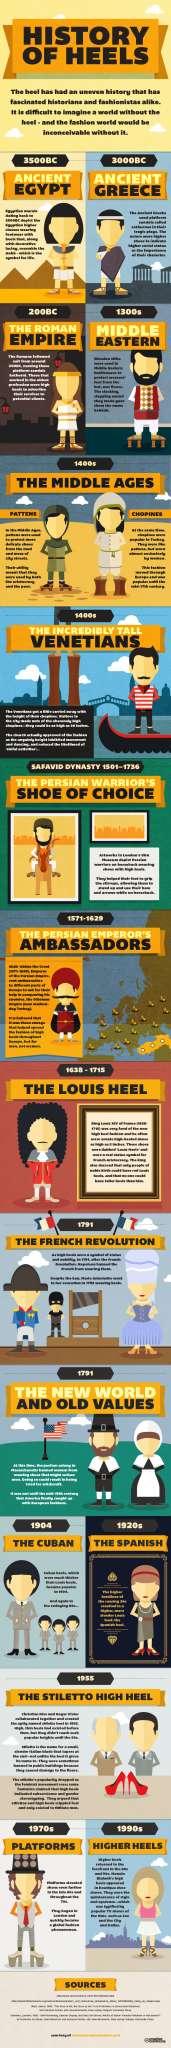 Jones Bootmaker - History of Heels